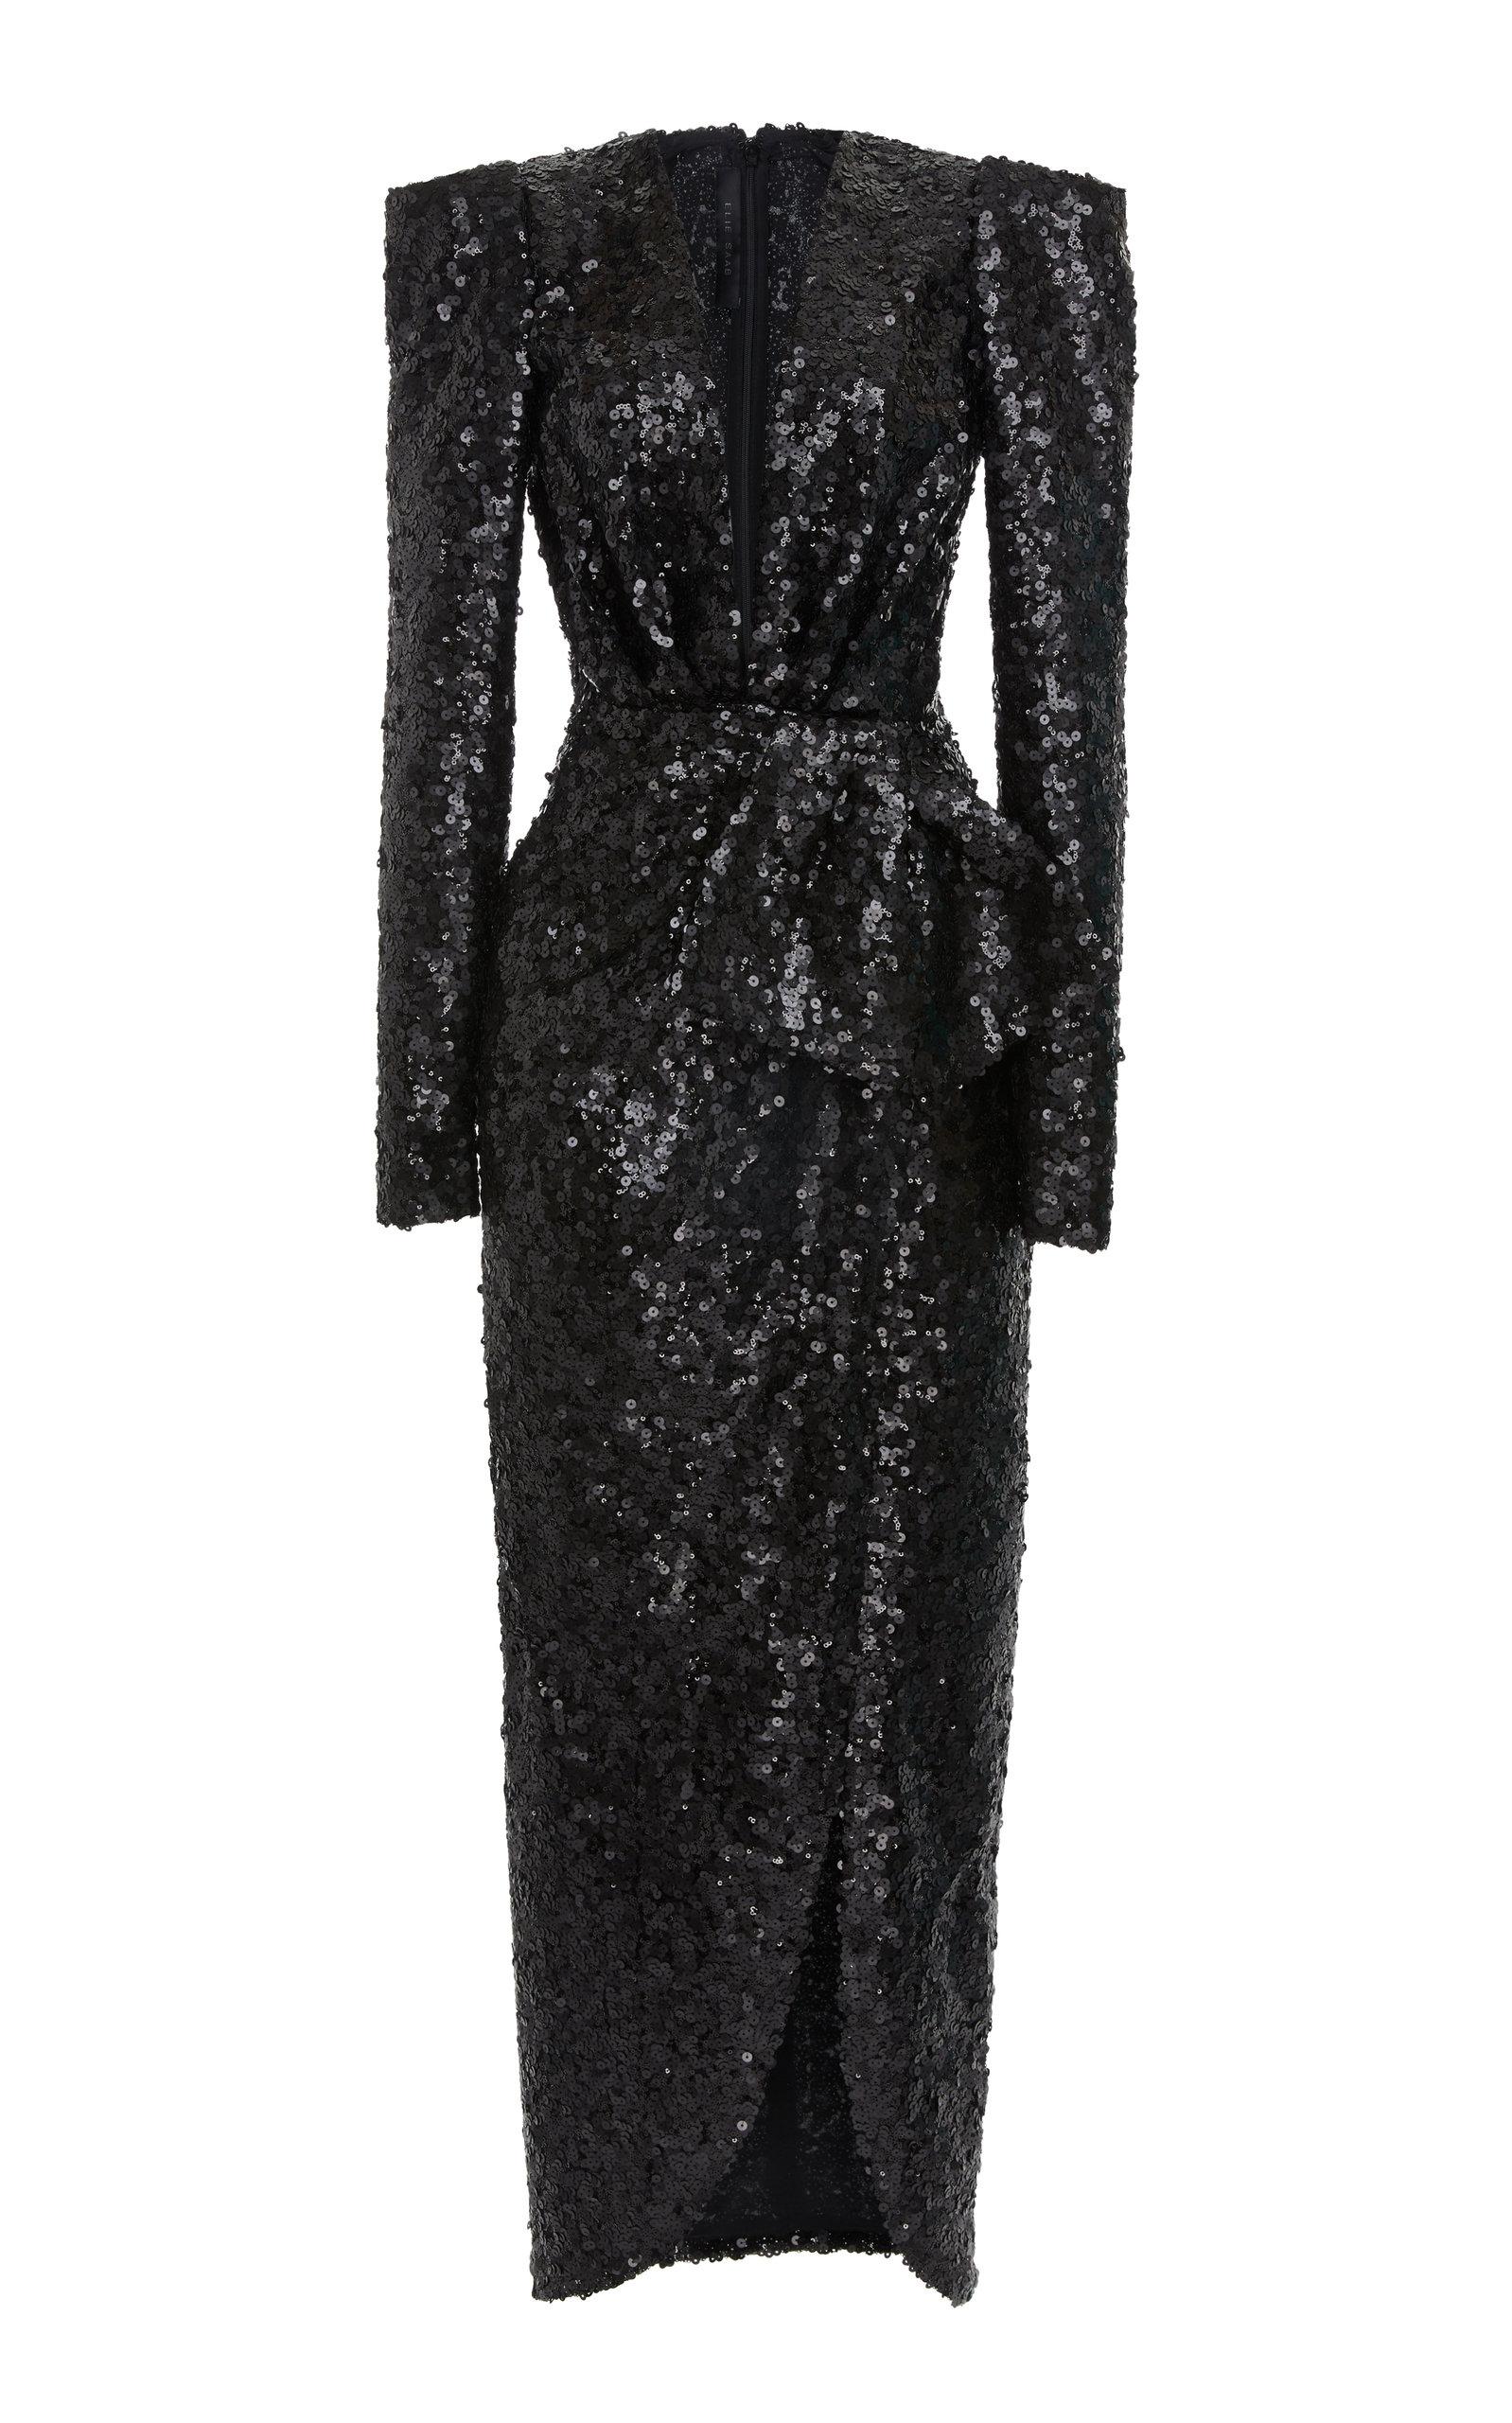 dcf5f615a37 Elie SaabPaillettes Embellished Tulle V-Neck Midi Dress. CLOSE. Loading